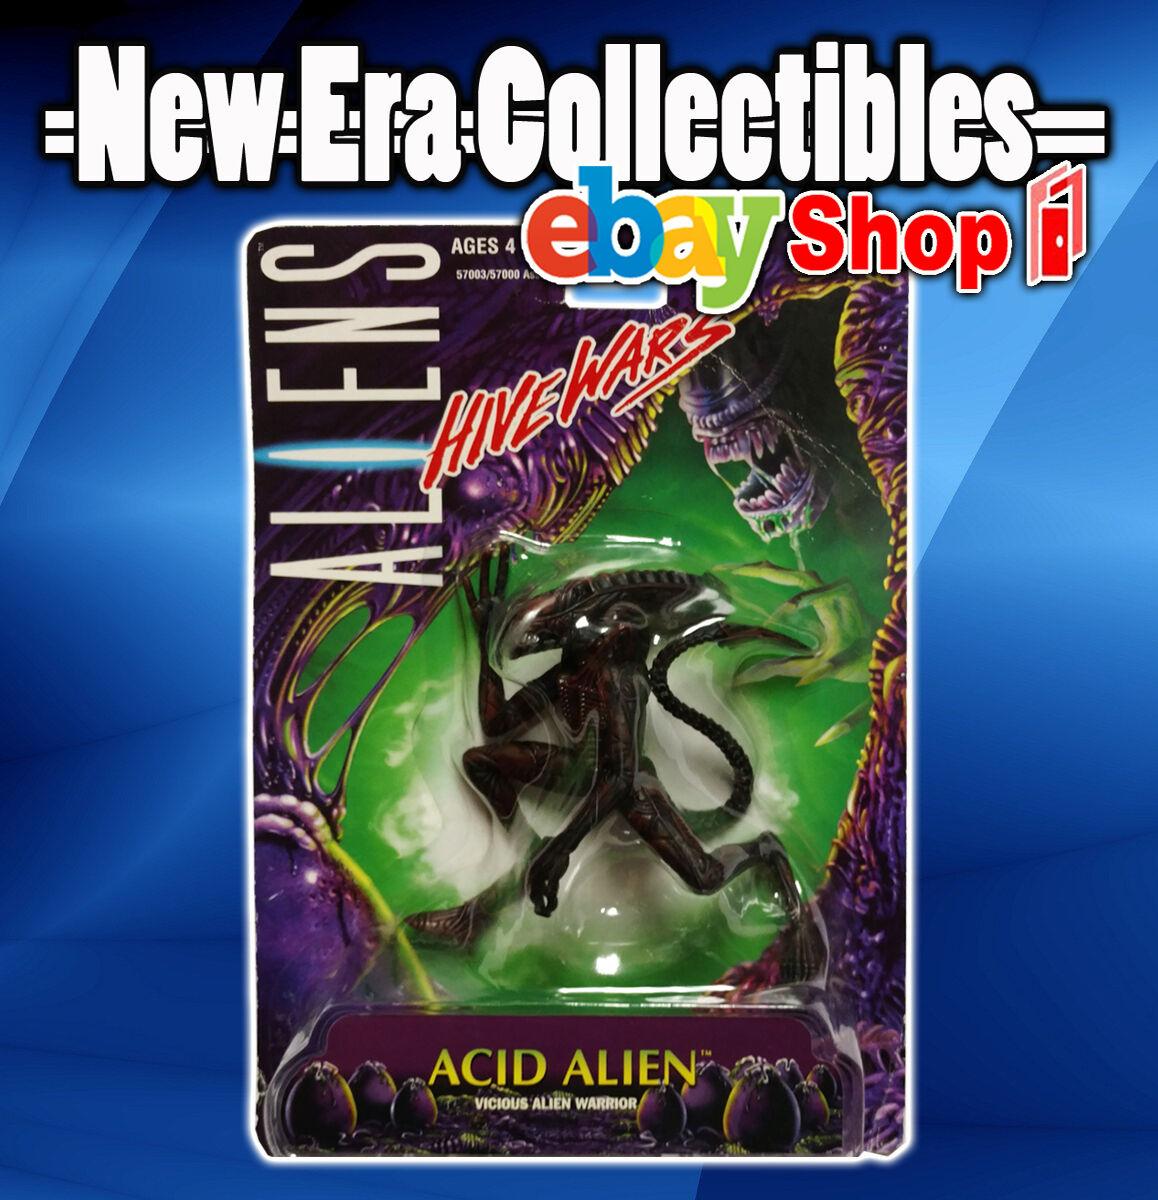 Aliens-Hive Wars-ácido Alien-vicioso Alien Warrior-Kenner-Hasbro - 1998